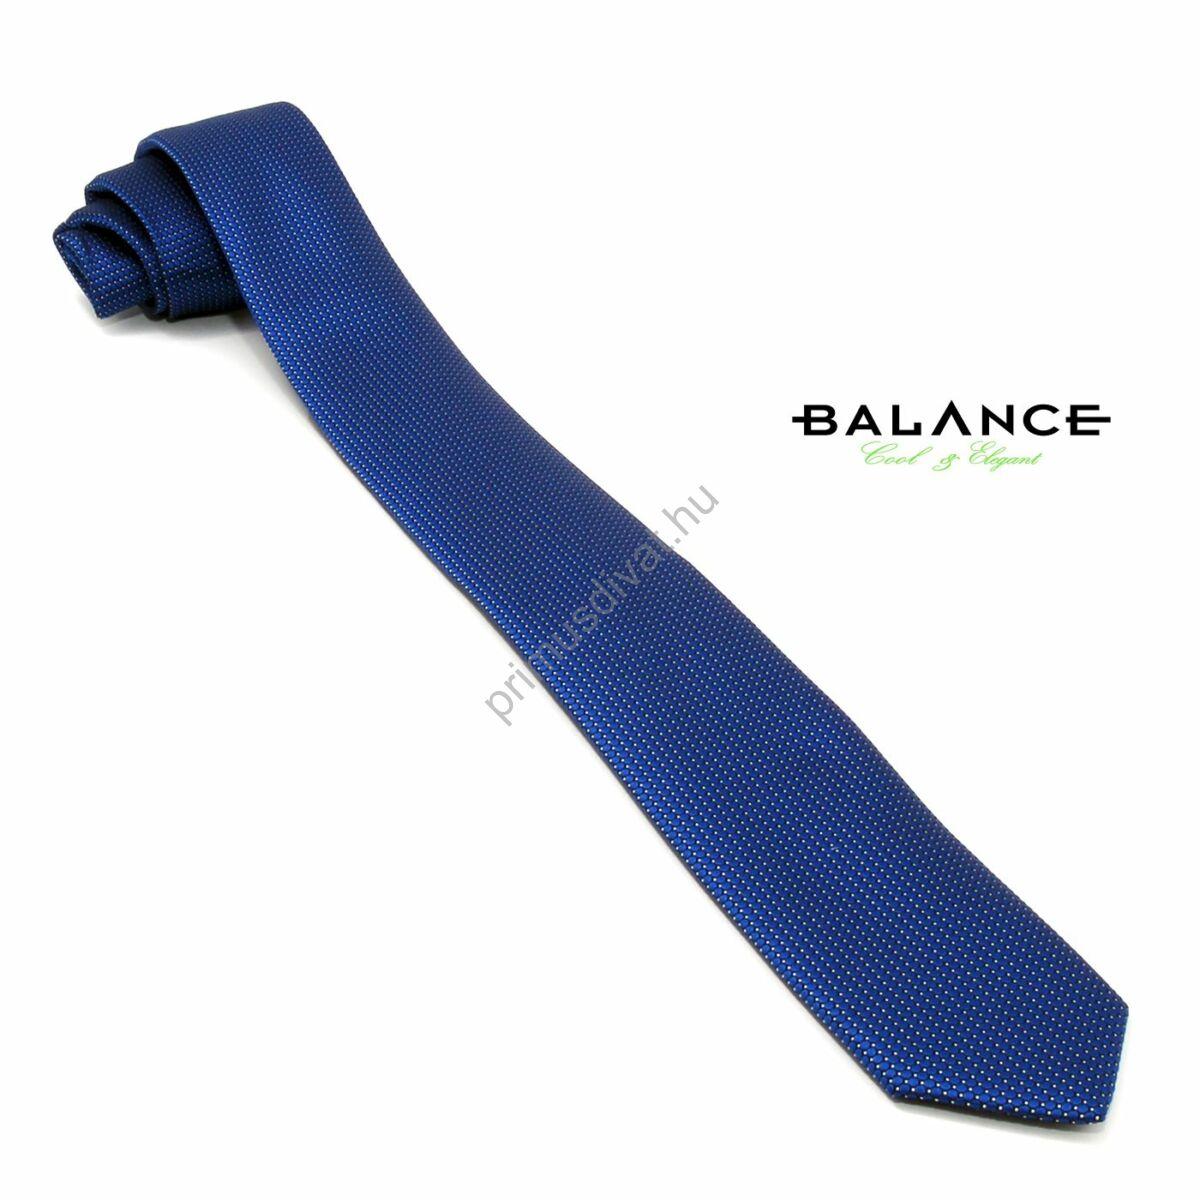 Balance apró fehér pöttyös középkék keskeny selyem nyakkendő